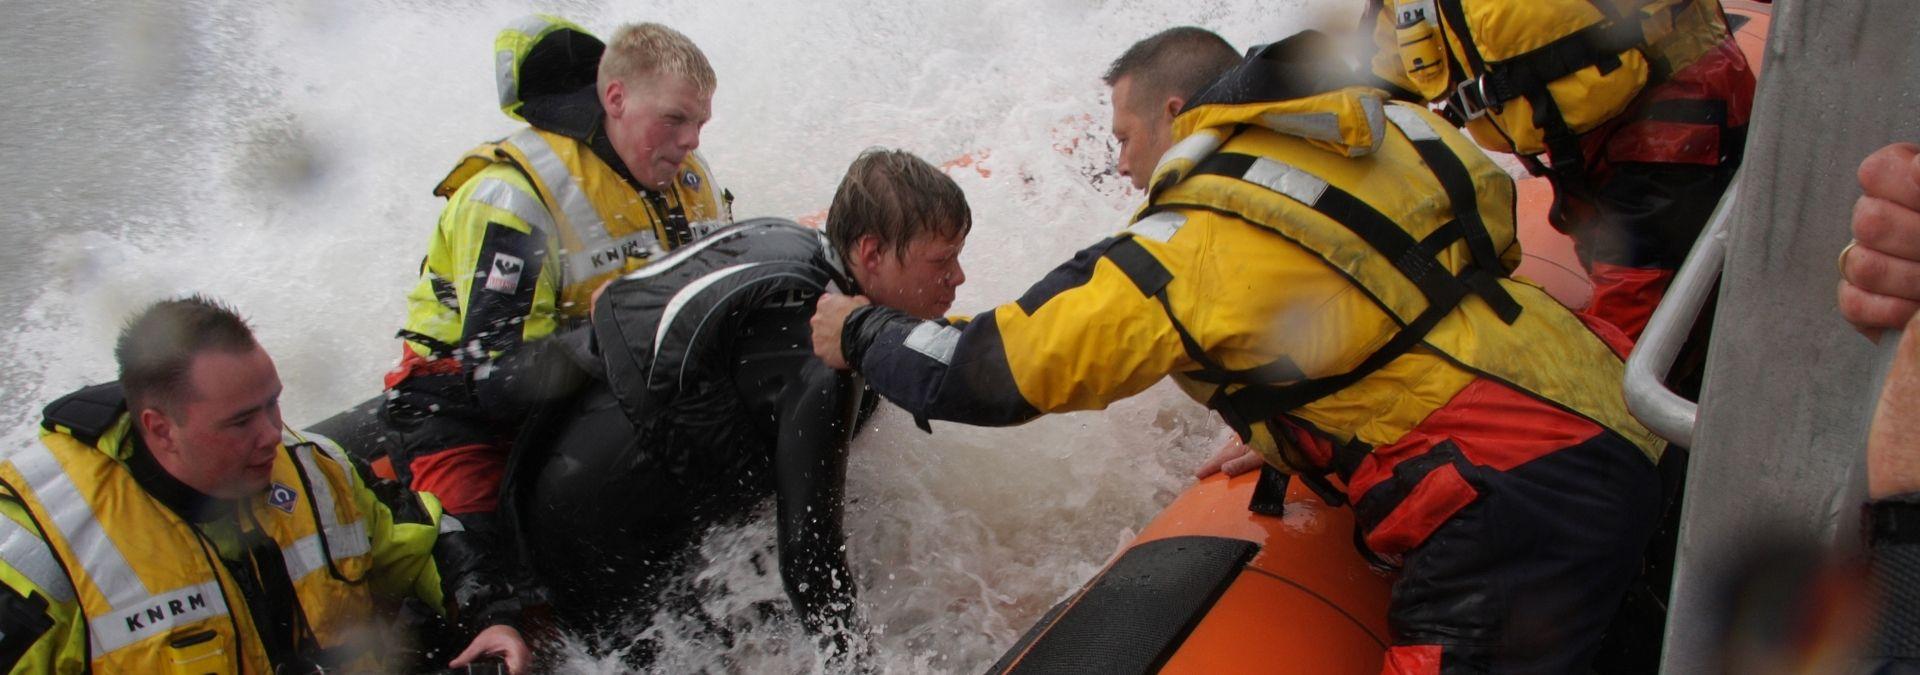 KNRM redding- Zeilers-surfers | Foto Arie van Dijk